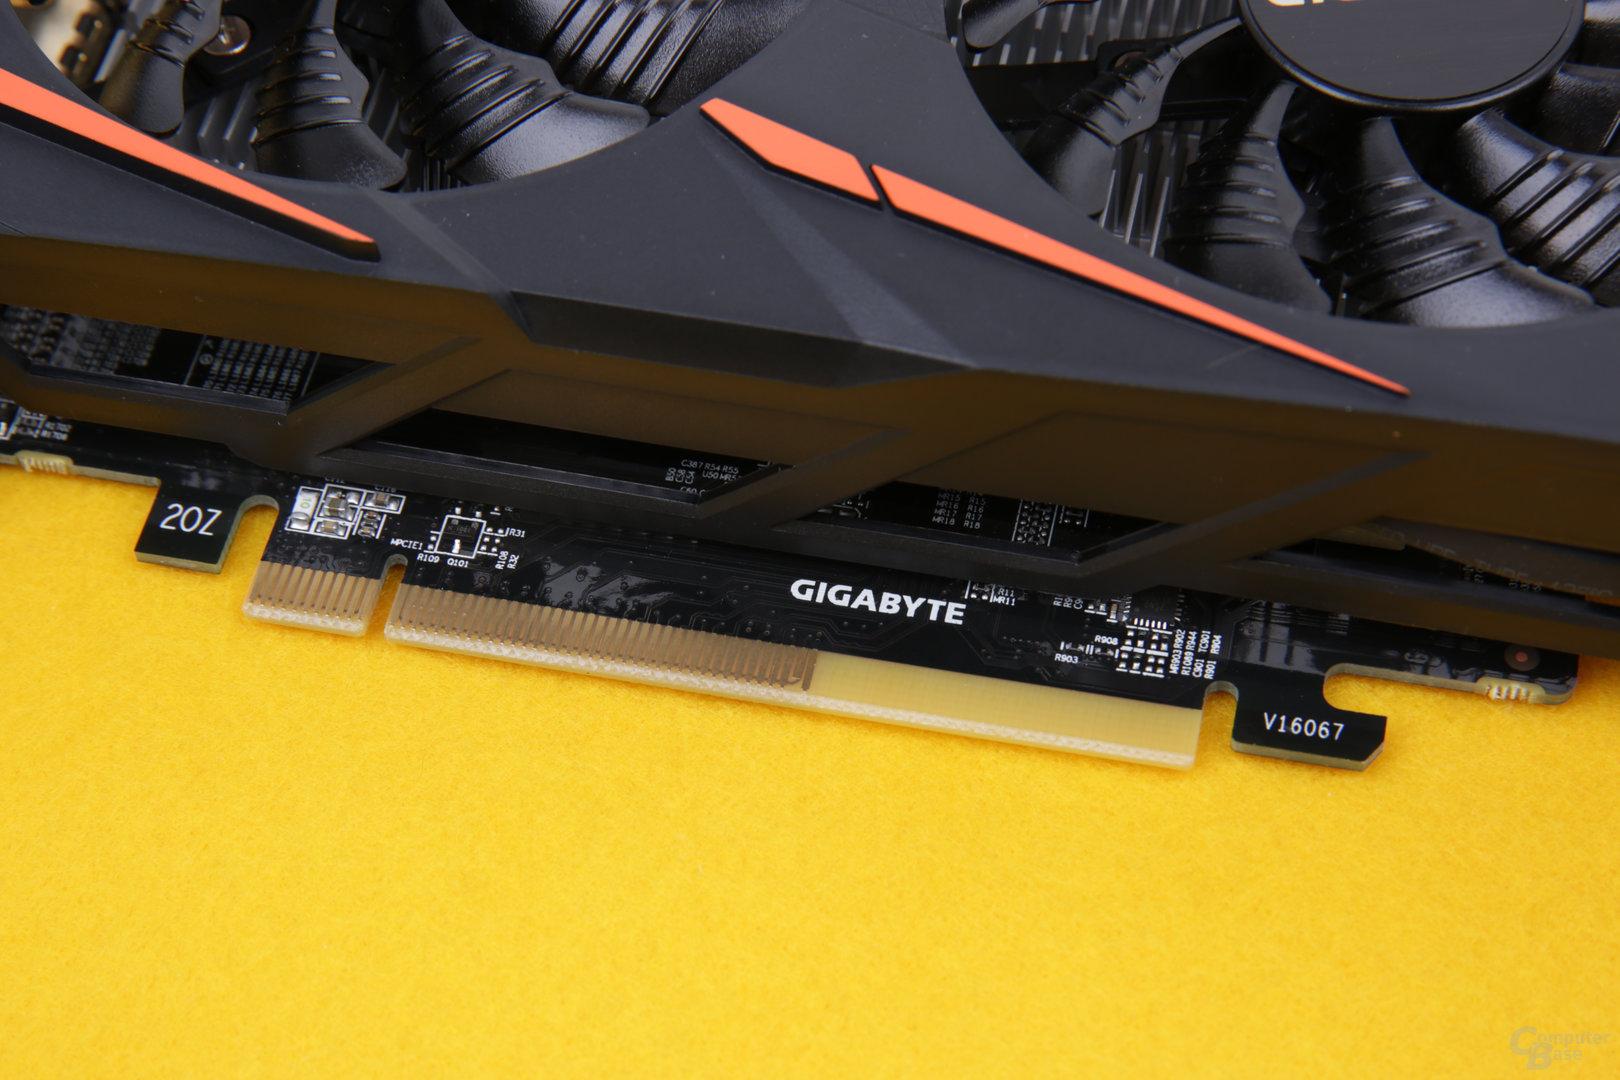 PCIe x8 gilt für alle RX-460-Karten